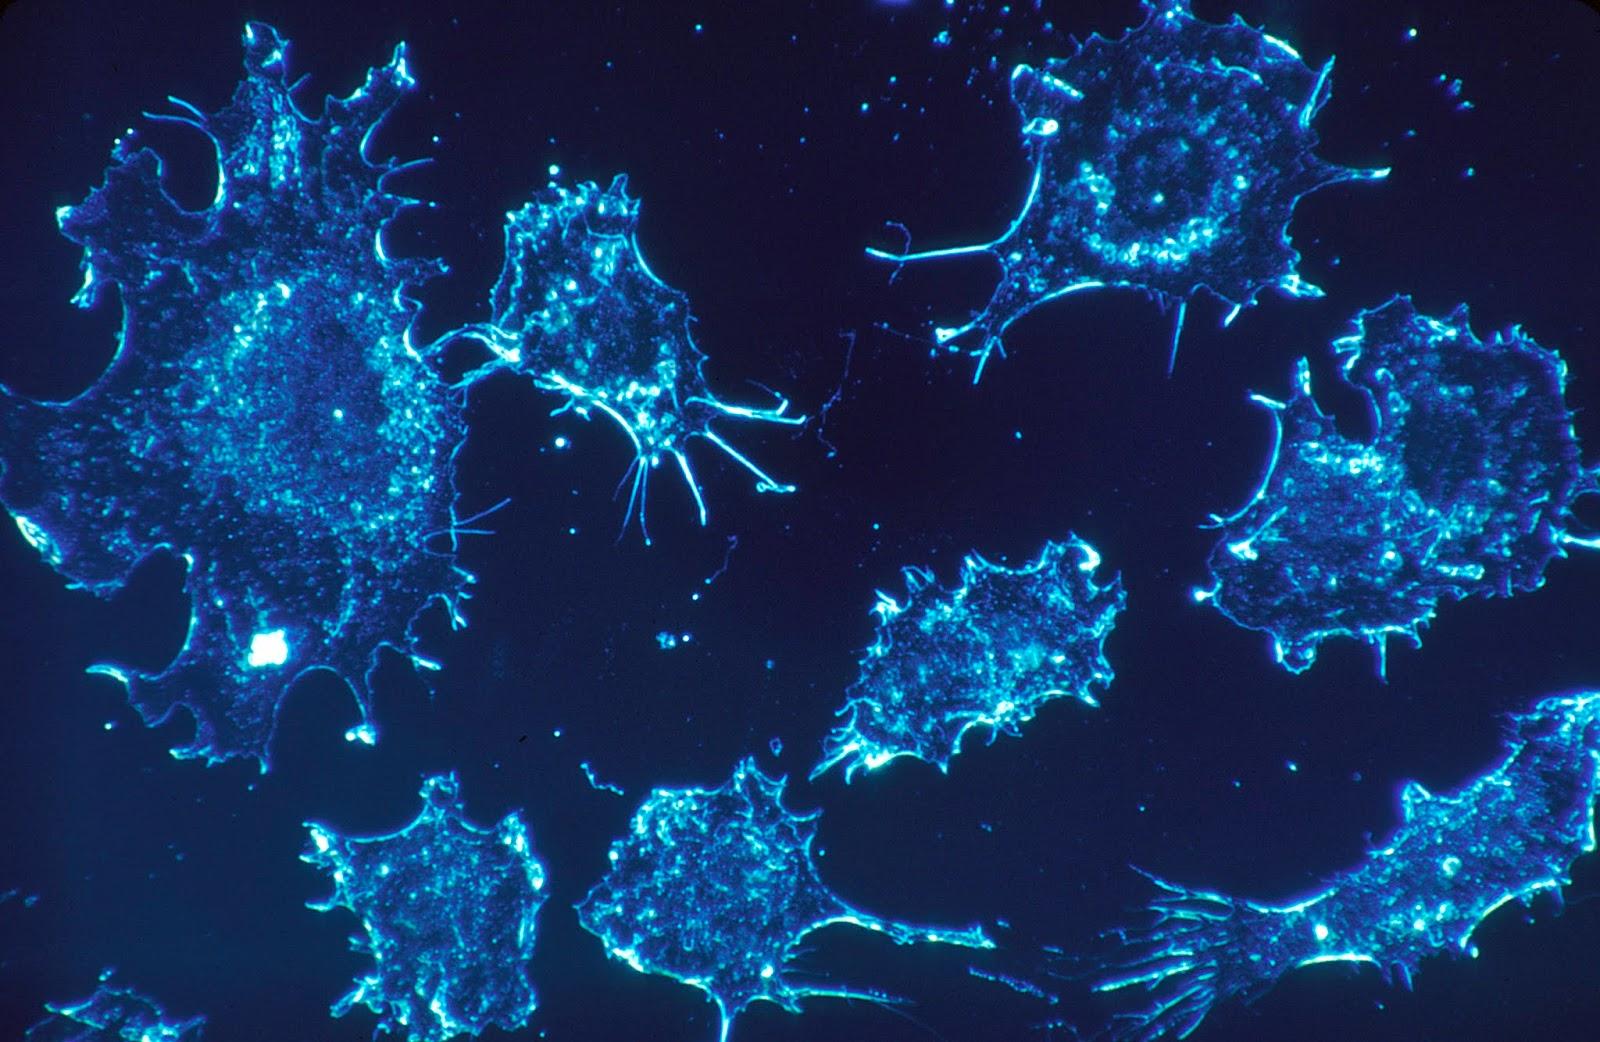 العلاج الجيني لمرضى الأنيميا المنجلية.. ما هو؟ وفي إي إطار مستقبلي يقع؟ وما هي خبايا نتائج التقرير الطبي الفرنسي الذي نشر نتائج أول حالاتها المُعَالَجة مطلع هذا الشهر؟